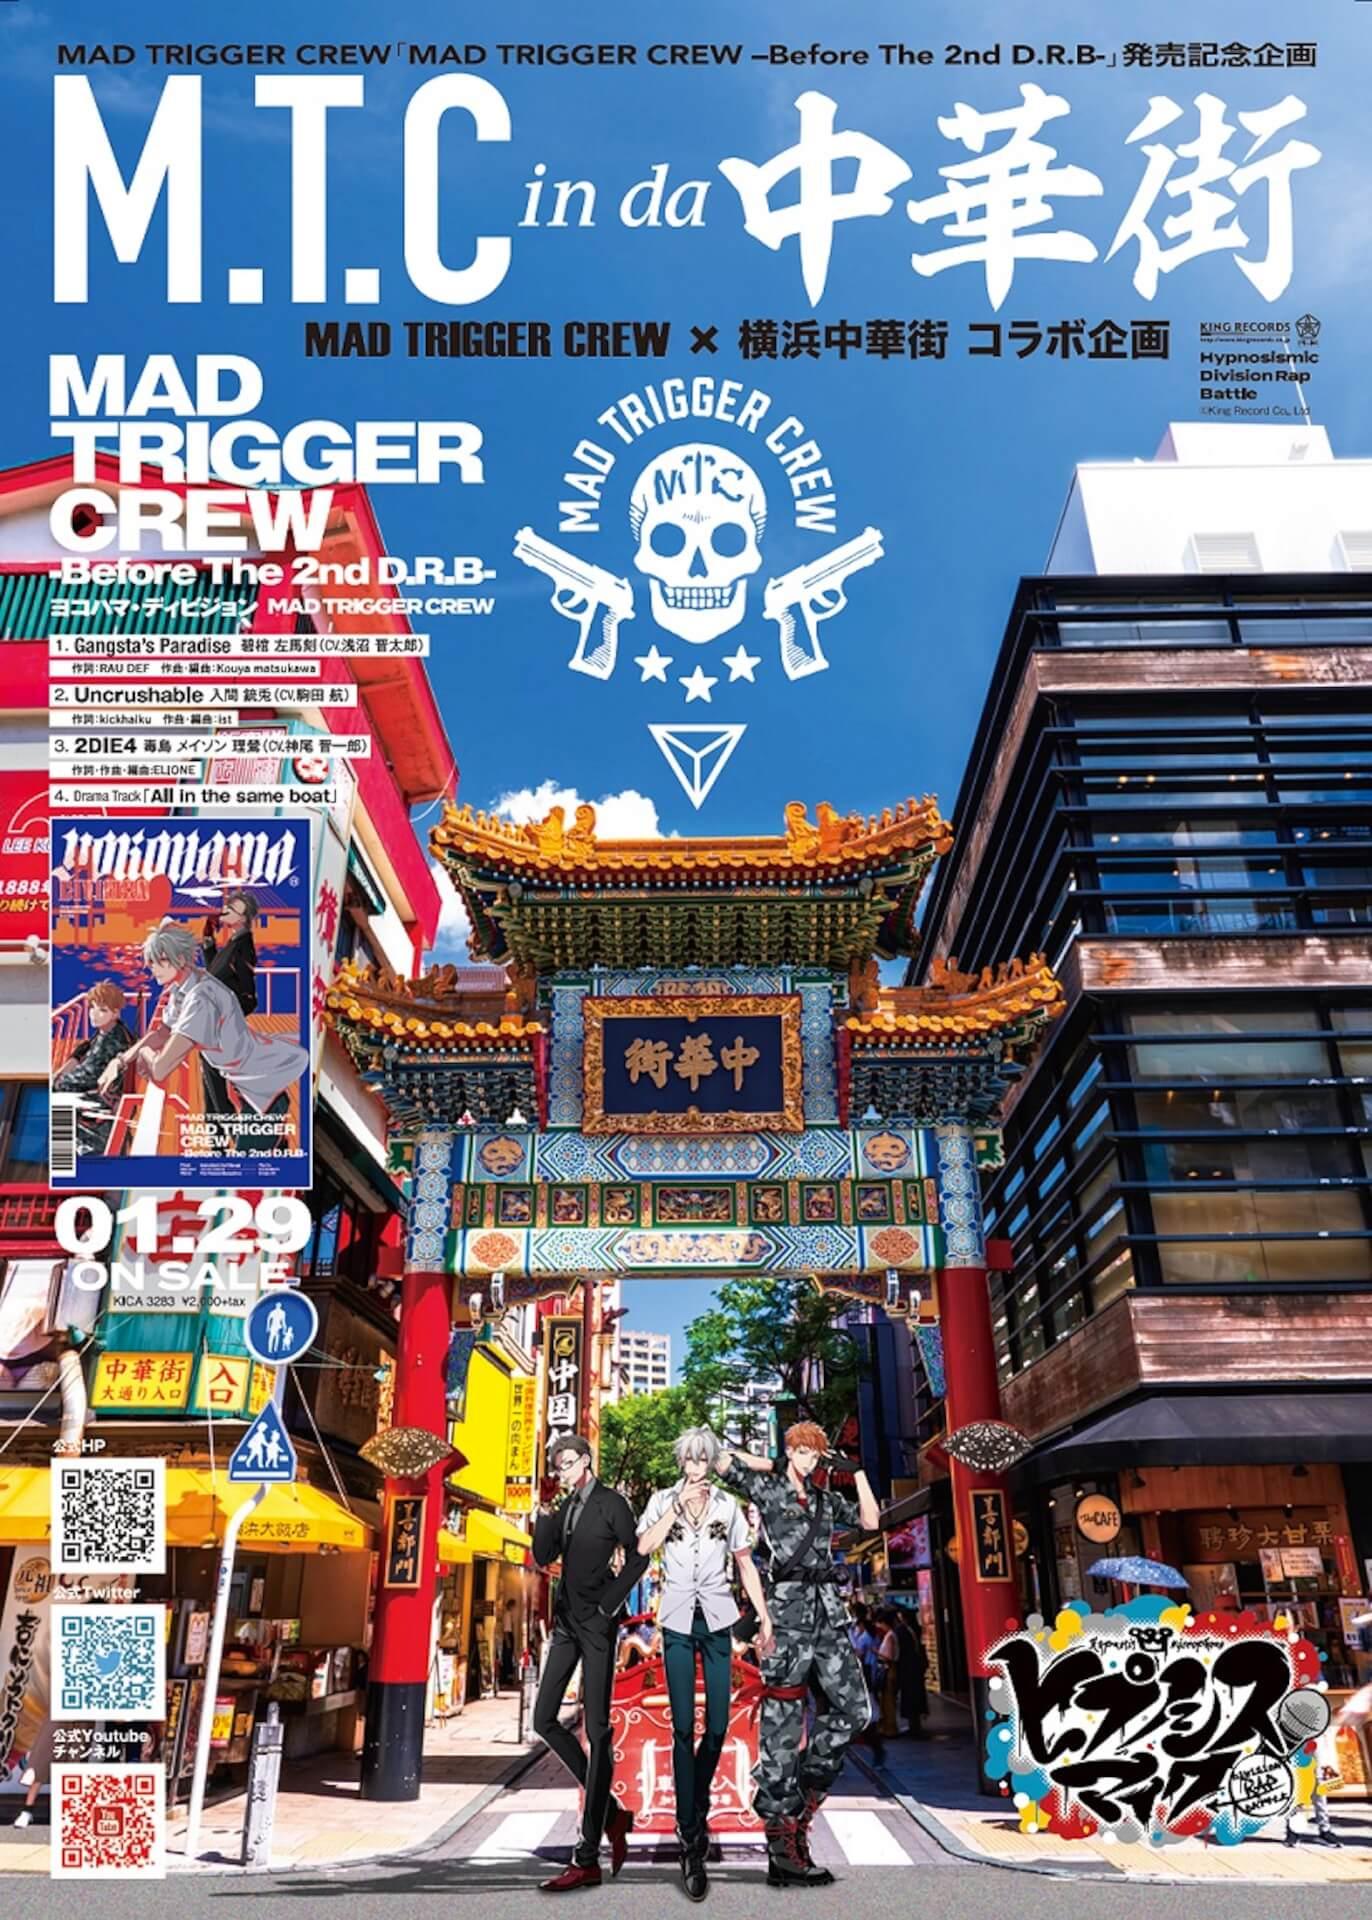 横浜中華街がヒプノシスマイク一色に!ヨコハマ・ディビジョンMAD TRIGGER CREWのCD発売記念イベントが開催決定 art200128_hypnosismic_3